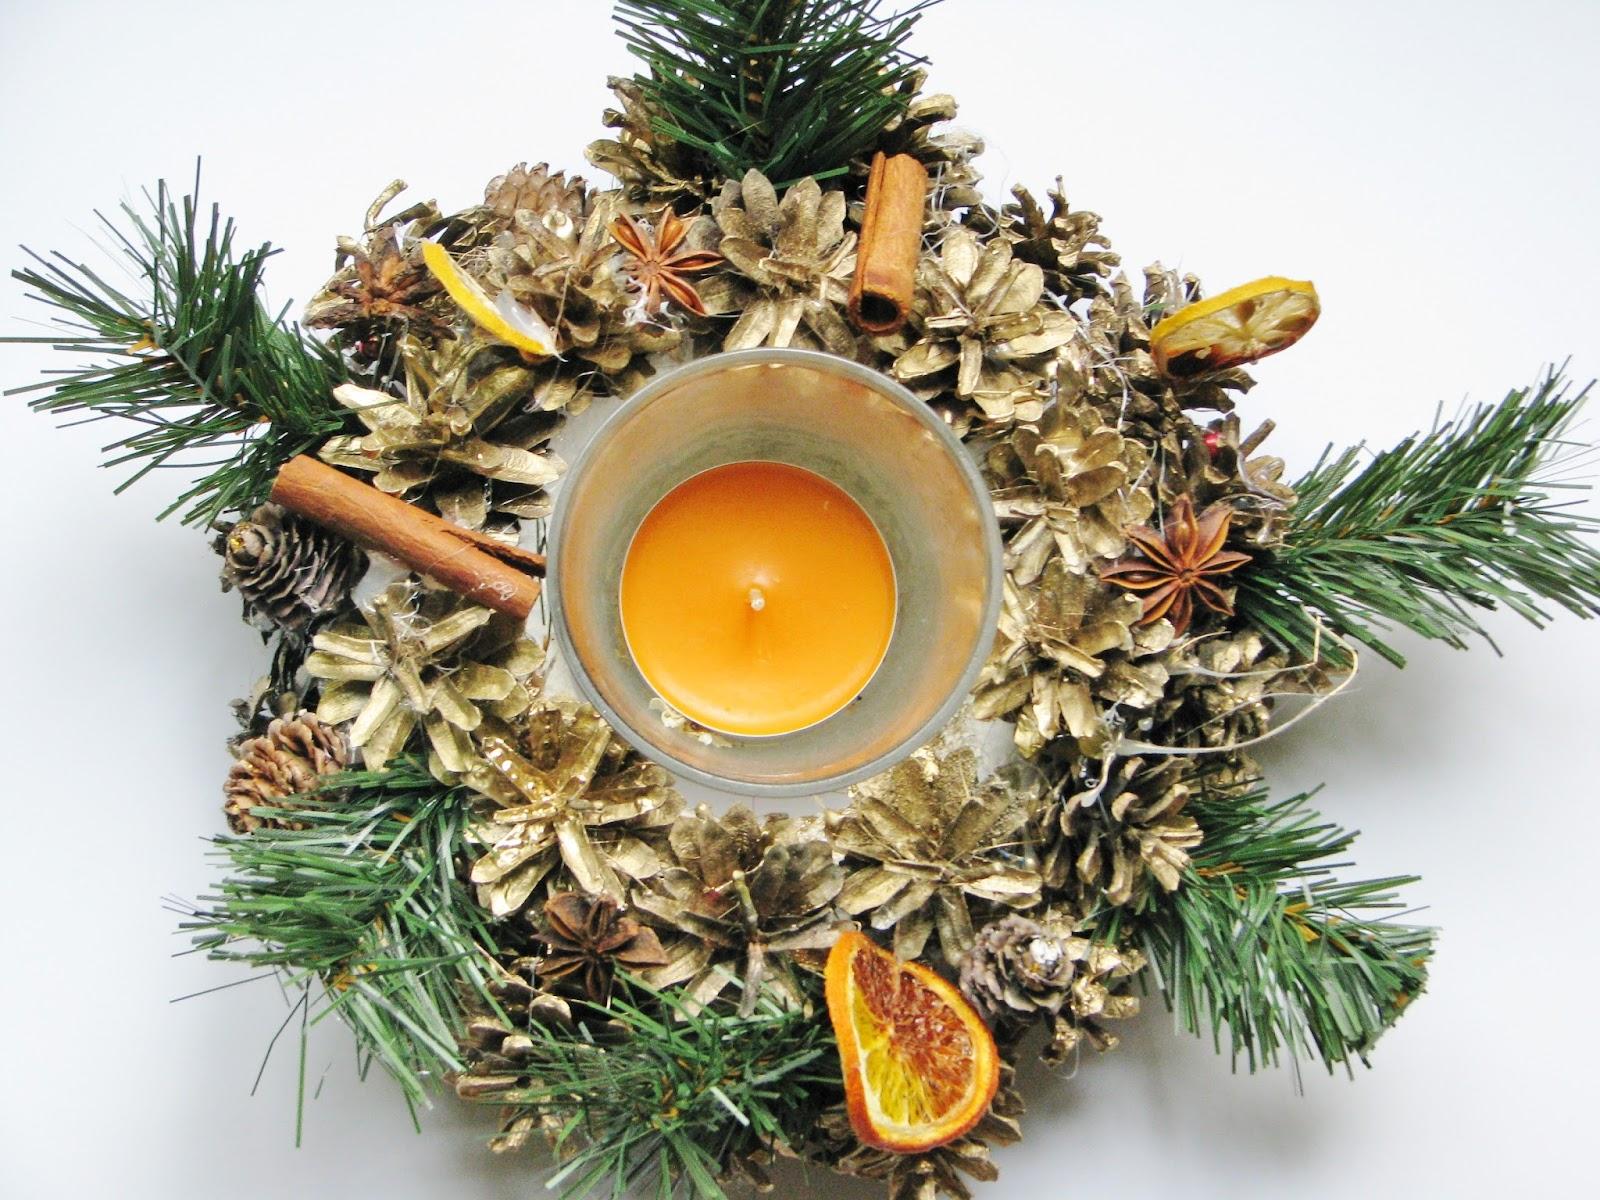 Znalezione obrazy dla zapytania ozdoby świąteczne z szyszek